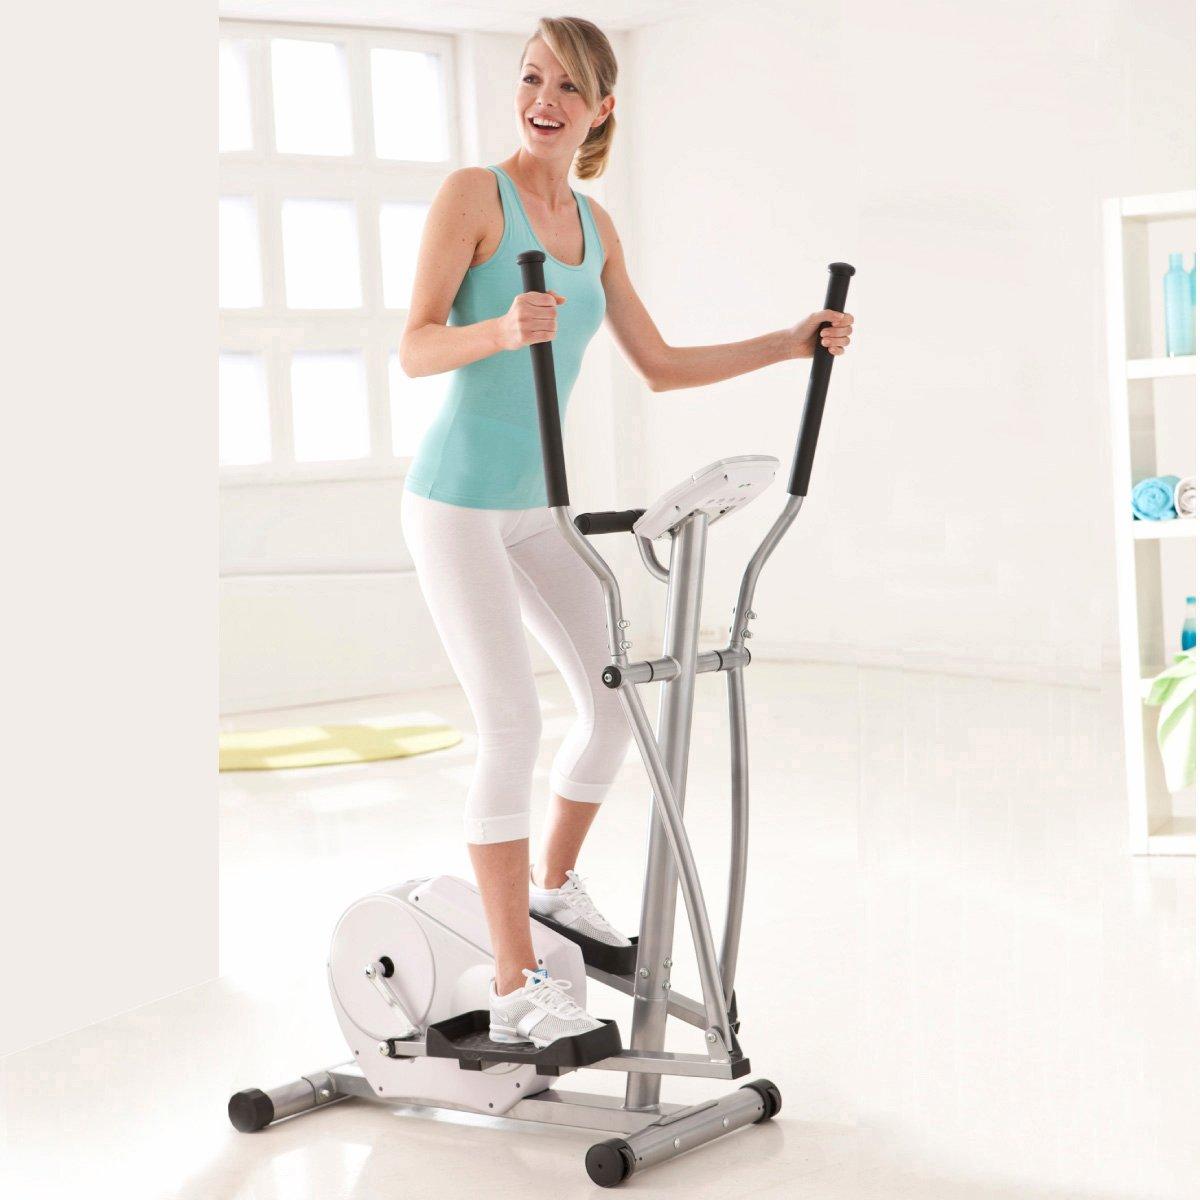 appareil gym maison